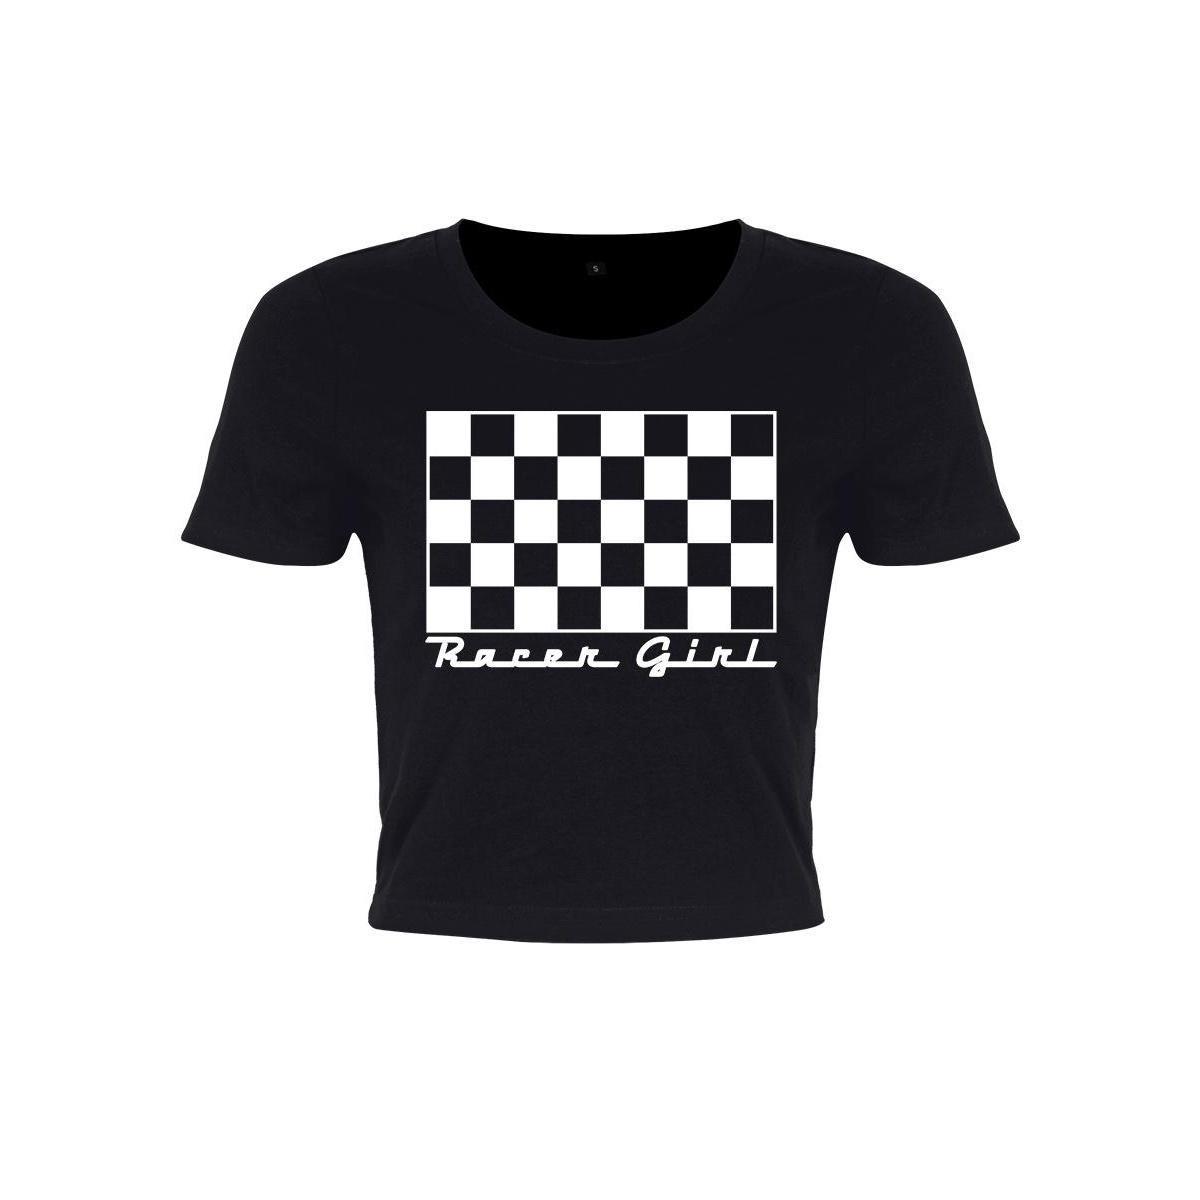 Grindstore Womens/Ladies Racer Girl Crop Top (S) (Black/White)